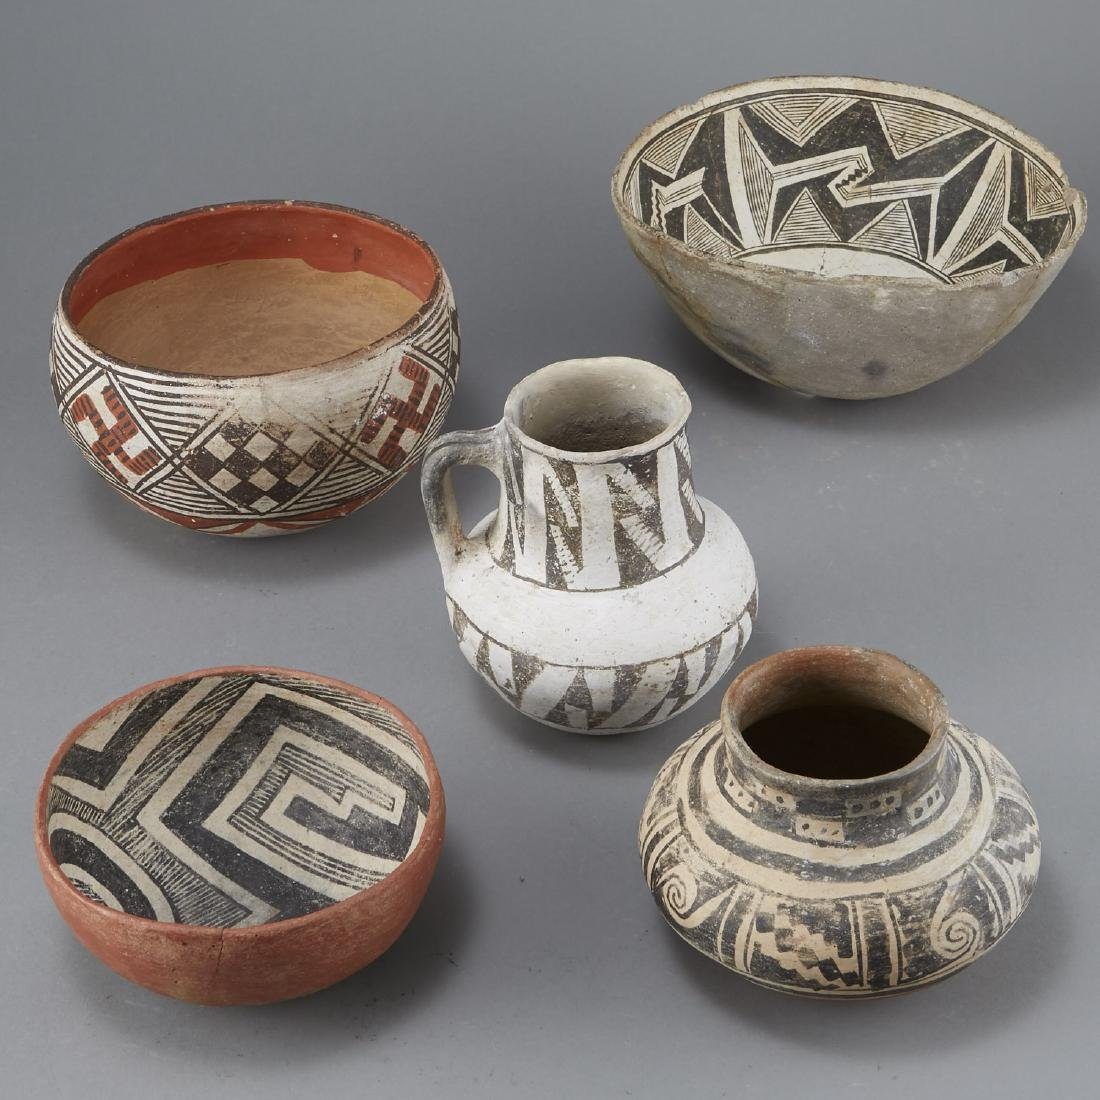 5 Prehistoric Pottery Pieces - 3